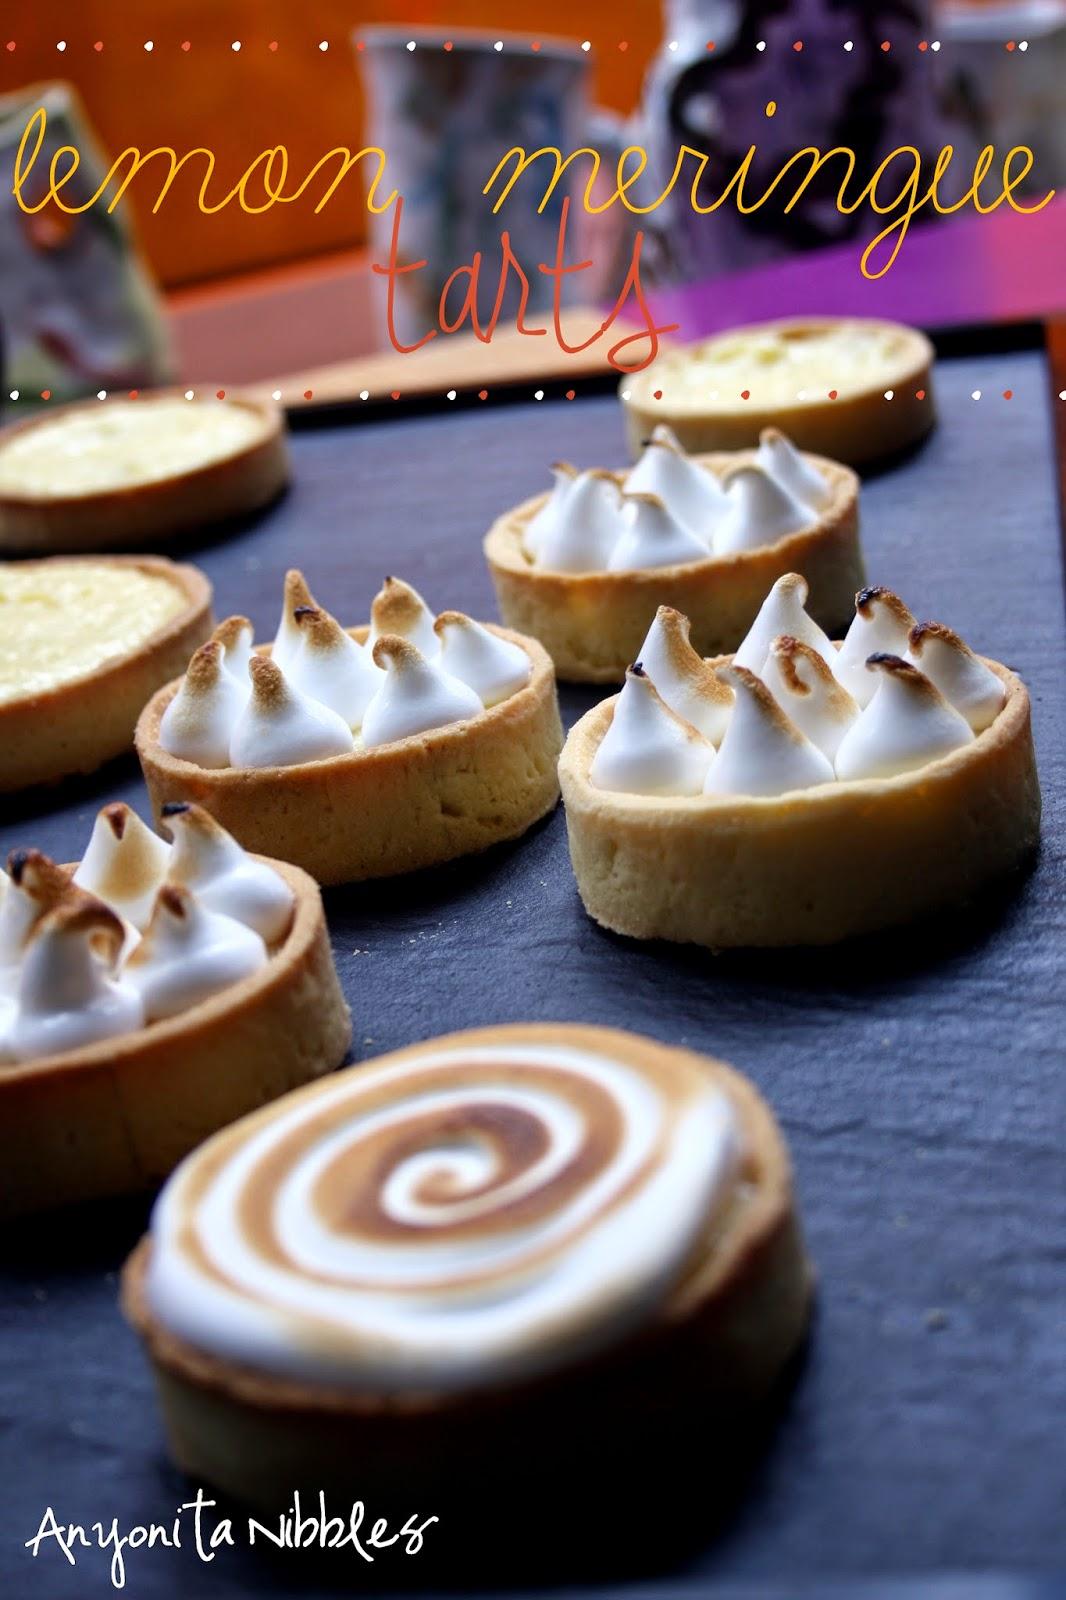 Lemon Meringue Tarts ready for eating from Anyonita Nibbles